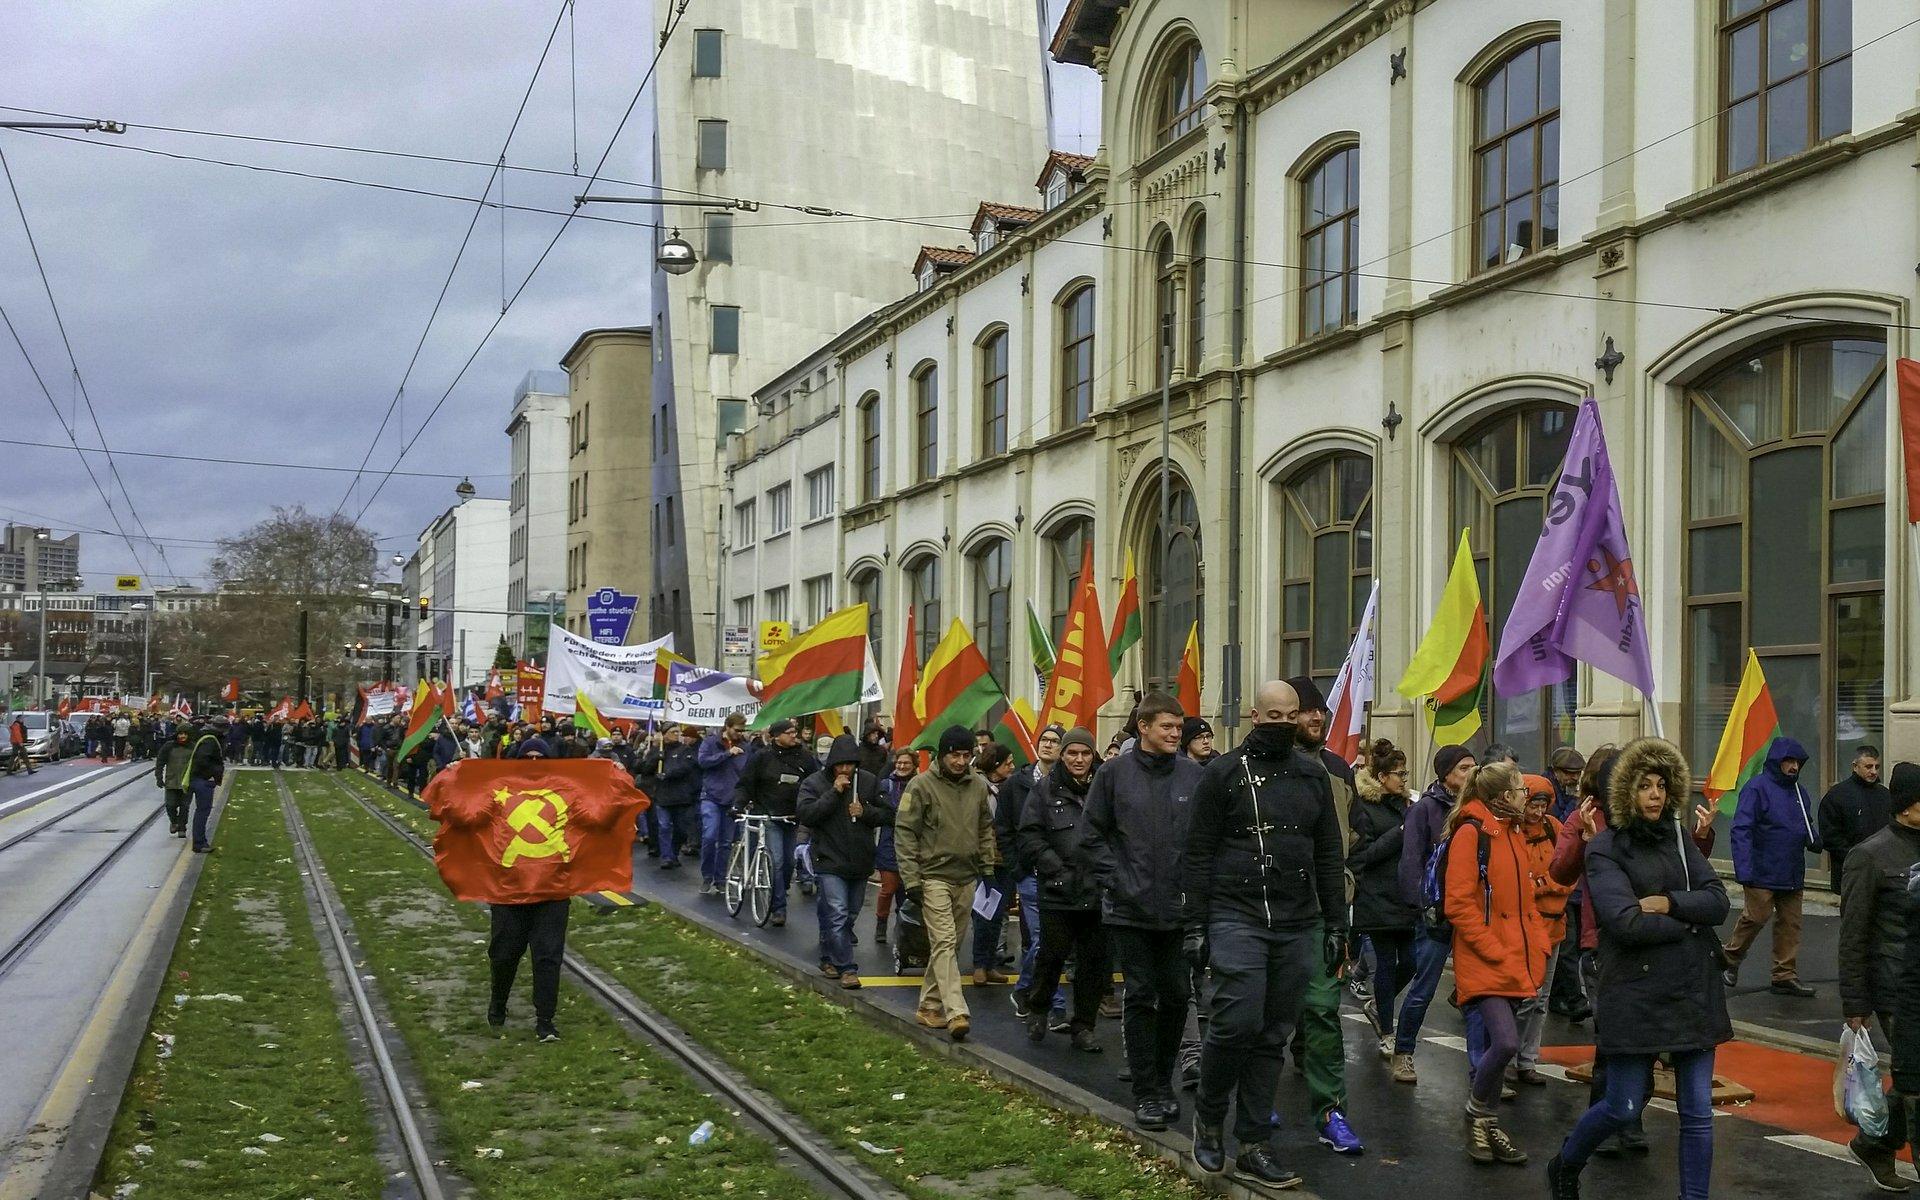 Demozug auf der Goethestraße